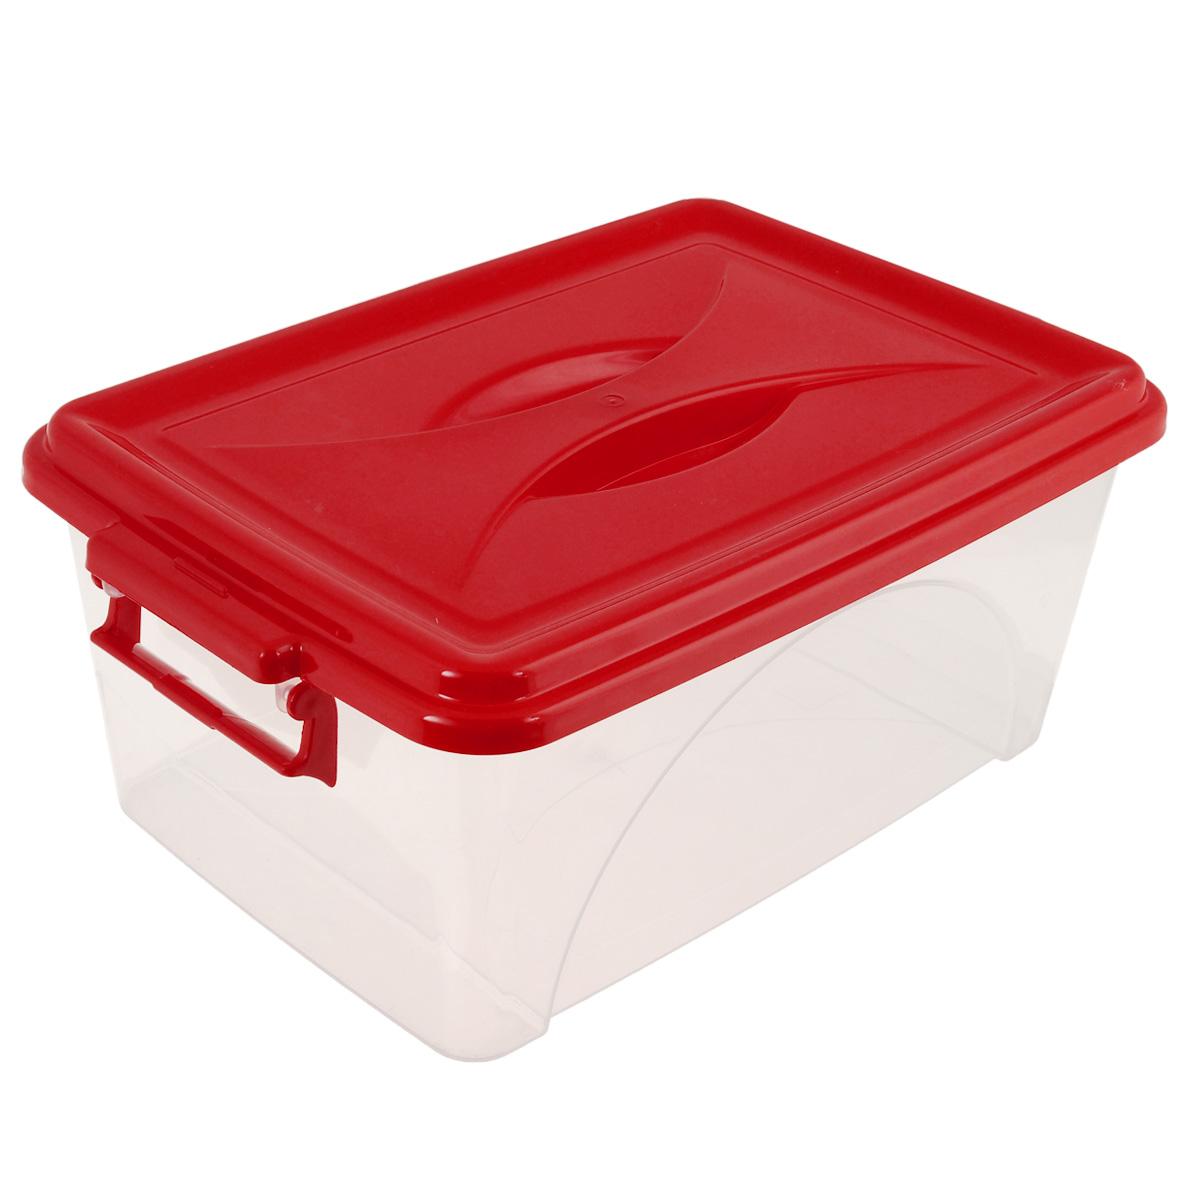 Контейнер Альтернатива, цвет: красный, 7,5 лМ428Контейнер Альтернатива выполнен из прочного пластика. Он предназначен для хранения различных мелких вещей. Крышка легко открывается и плотно закрывается. Прозрачные стенки позволяют видеть содержимое. По бокам предусмотрены две удобные ручки, с помощью которых контейнер закрывается.Контейнер поможет хранить все в одном месте, а также защитить вещи от пыли, грязи и влаги.